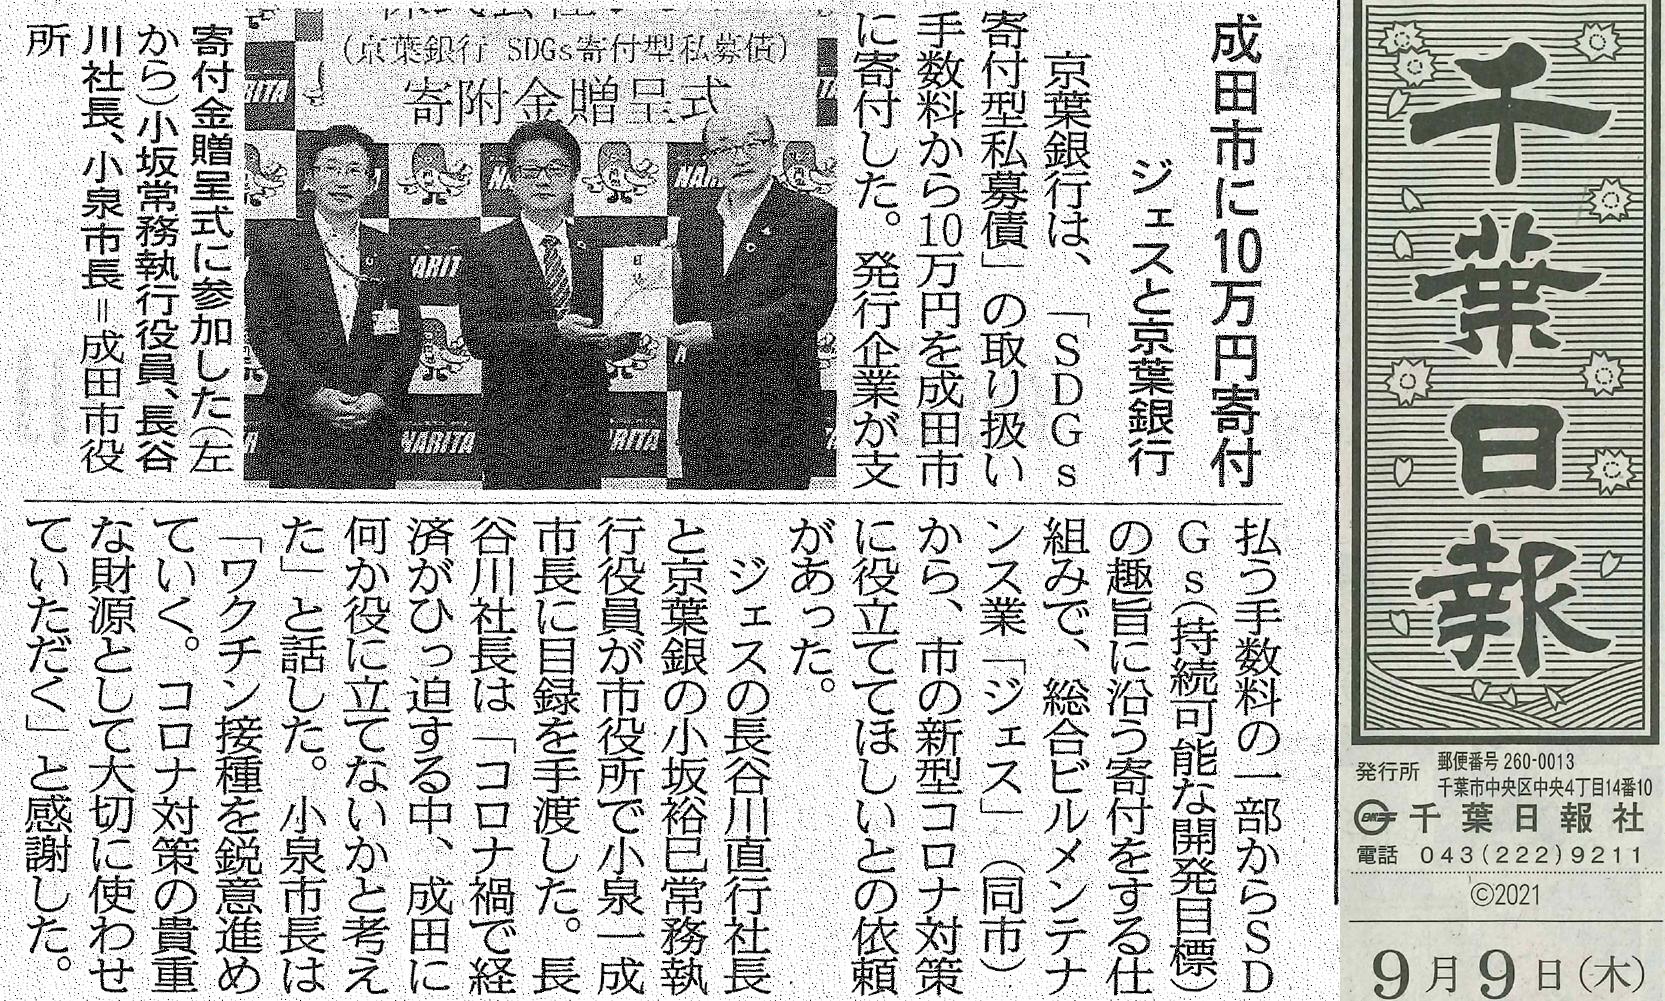 千葉日報社9/9の記事